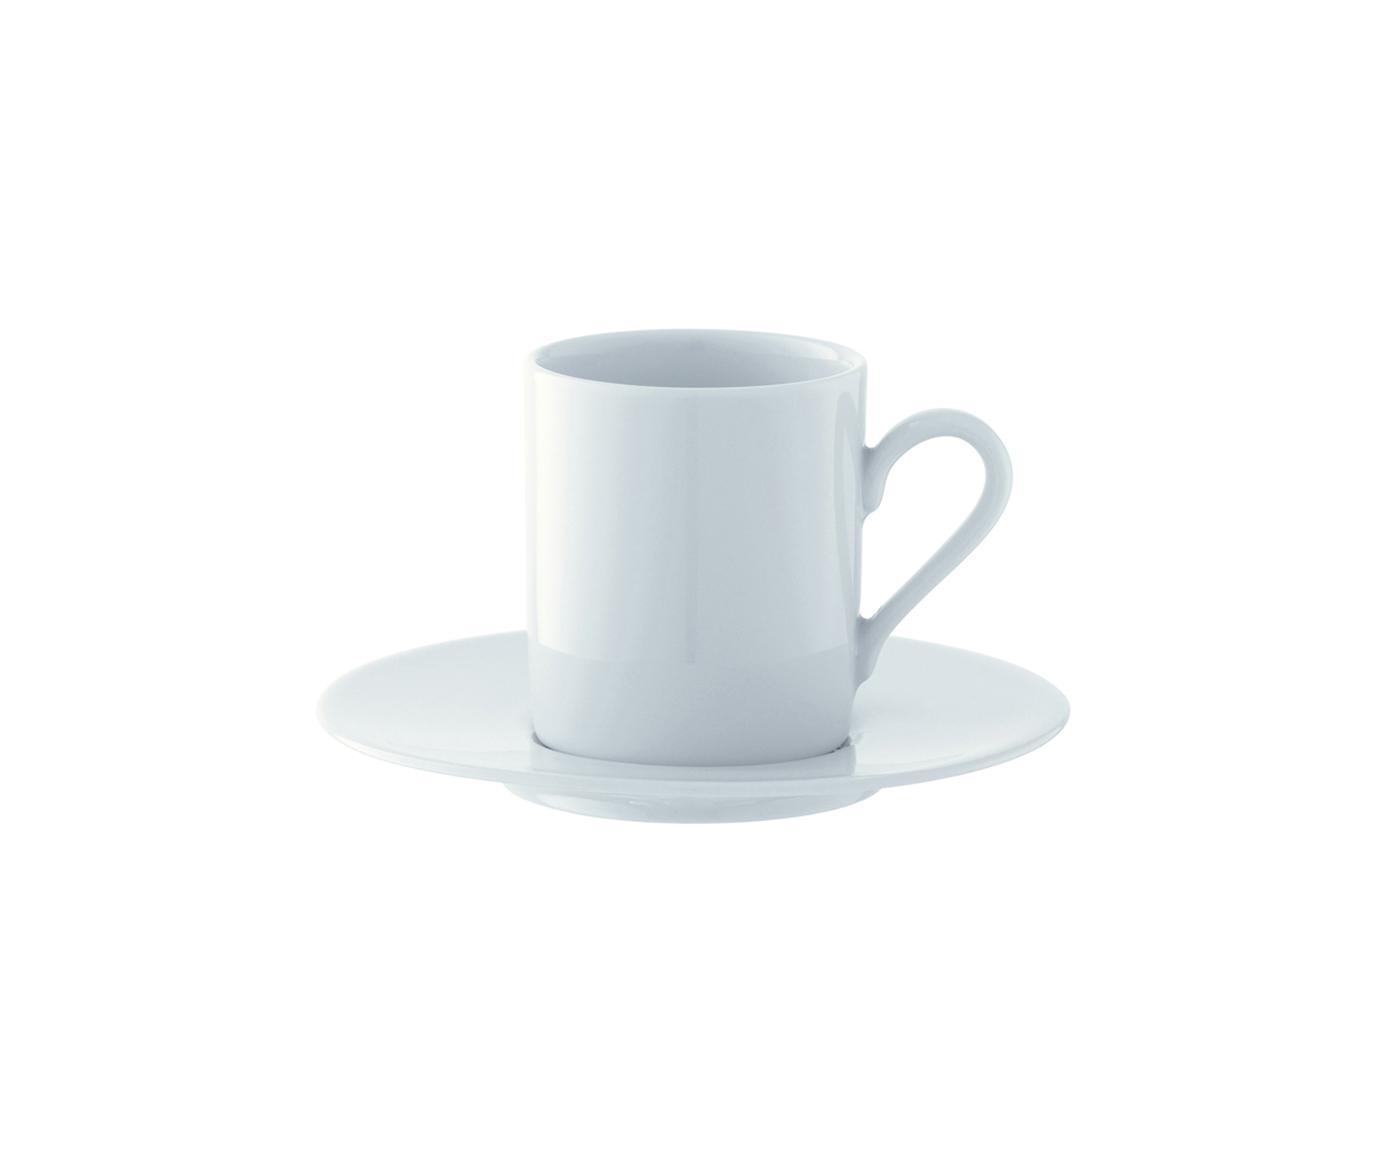 Komplet filiżanek do espresso Bianco, 8 elem., Porcelana, Biały, Ø 12 x W 7 cm